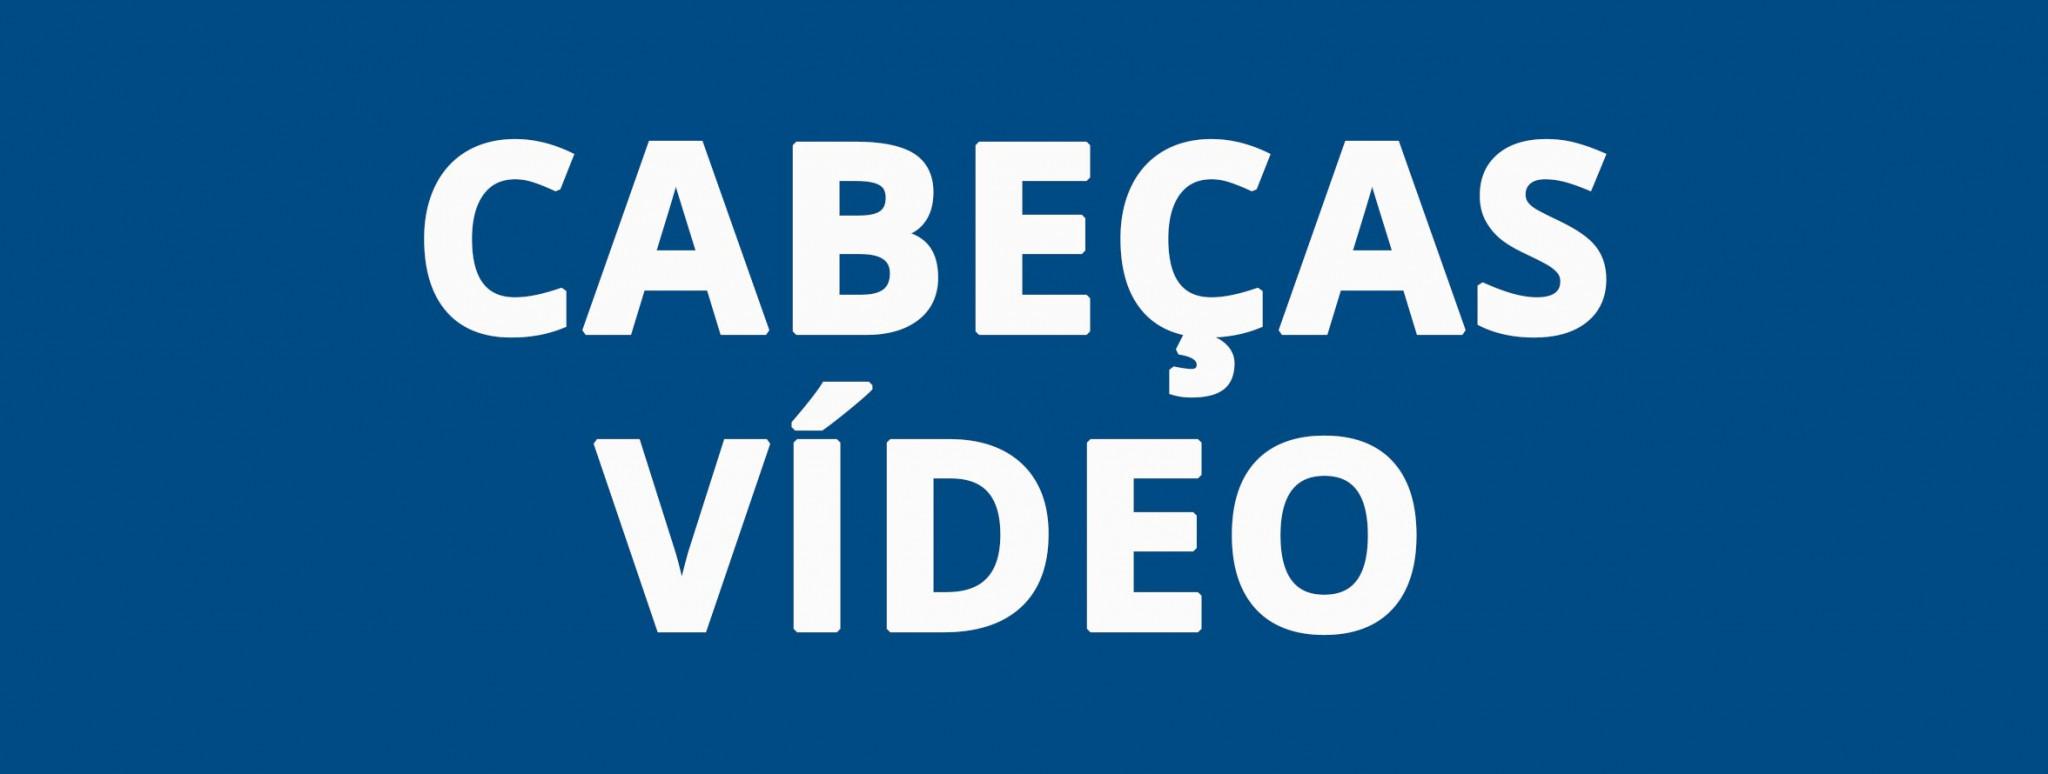 Cabeças Vídeo